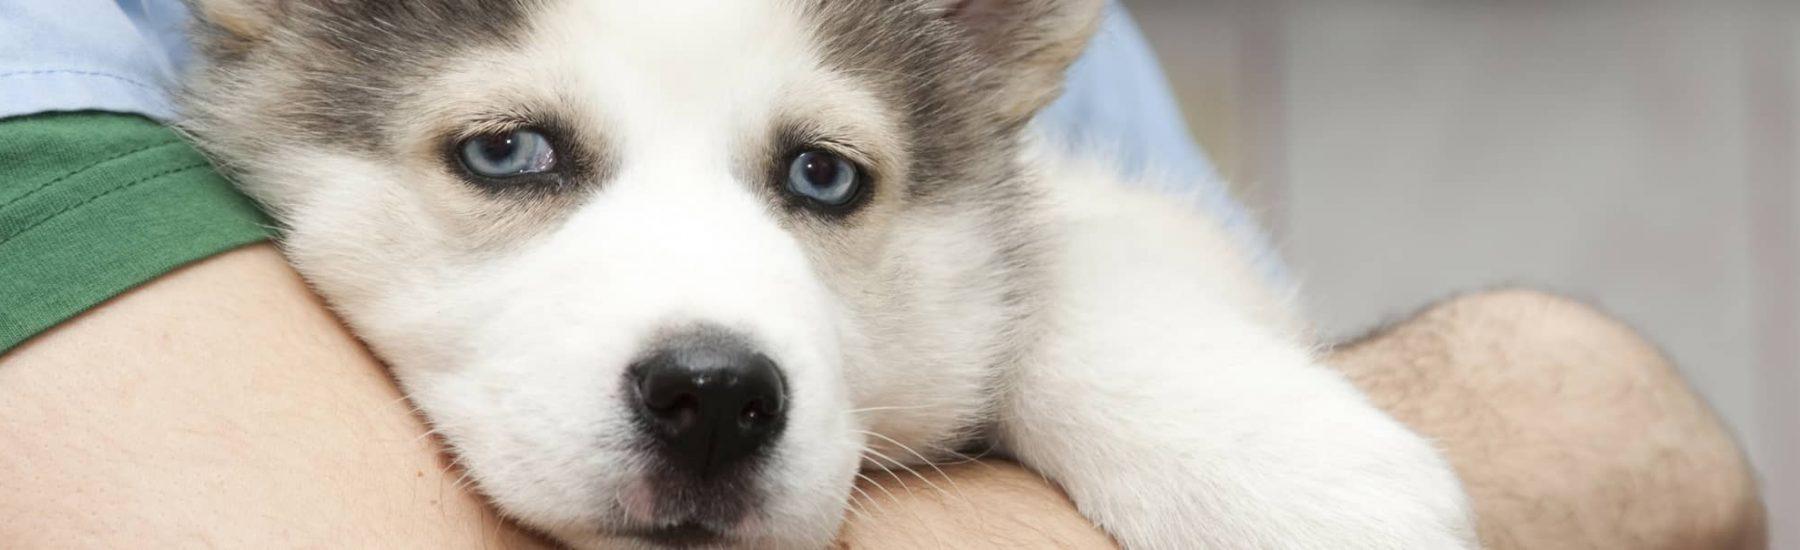 Sad Husky Dog